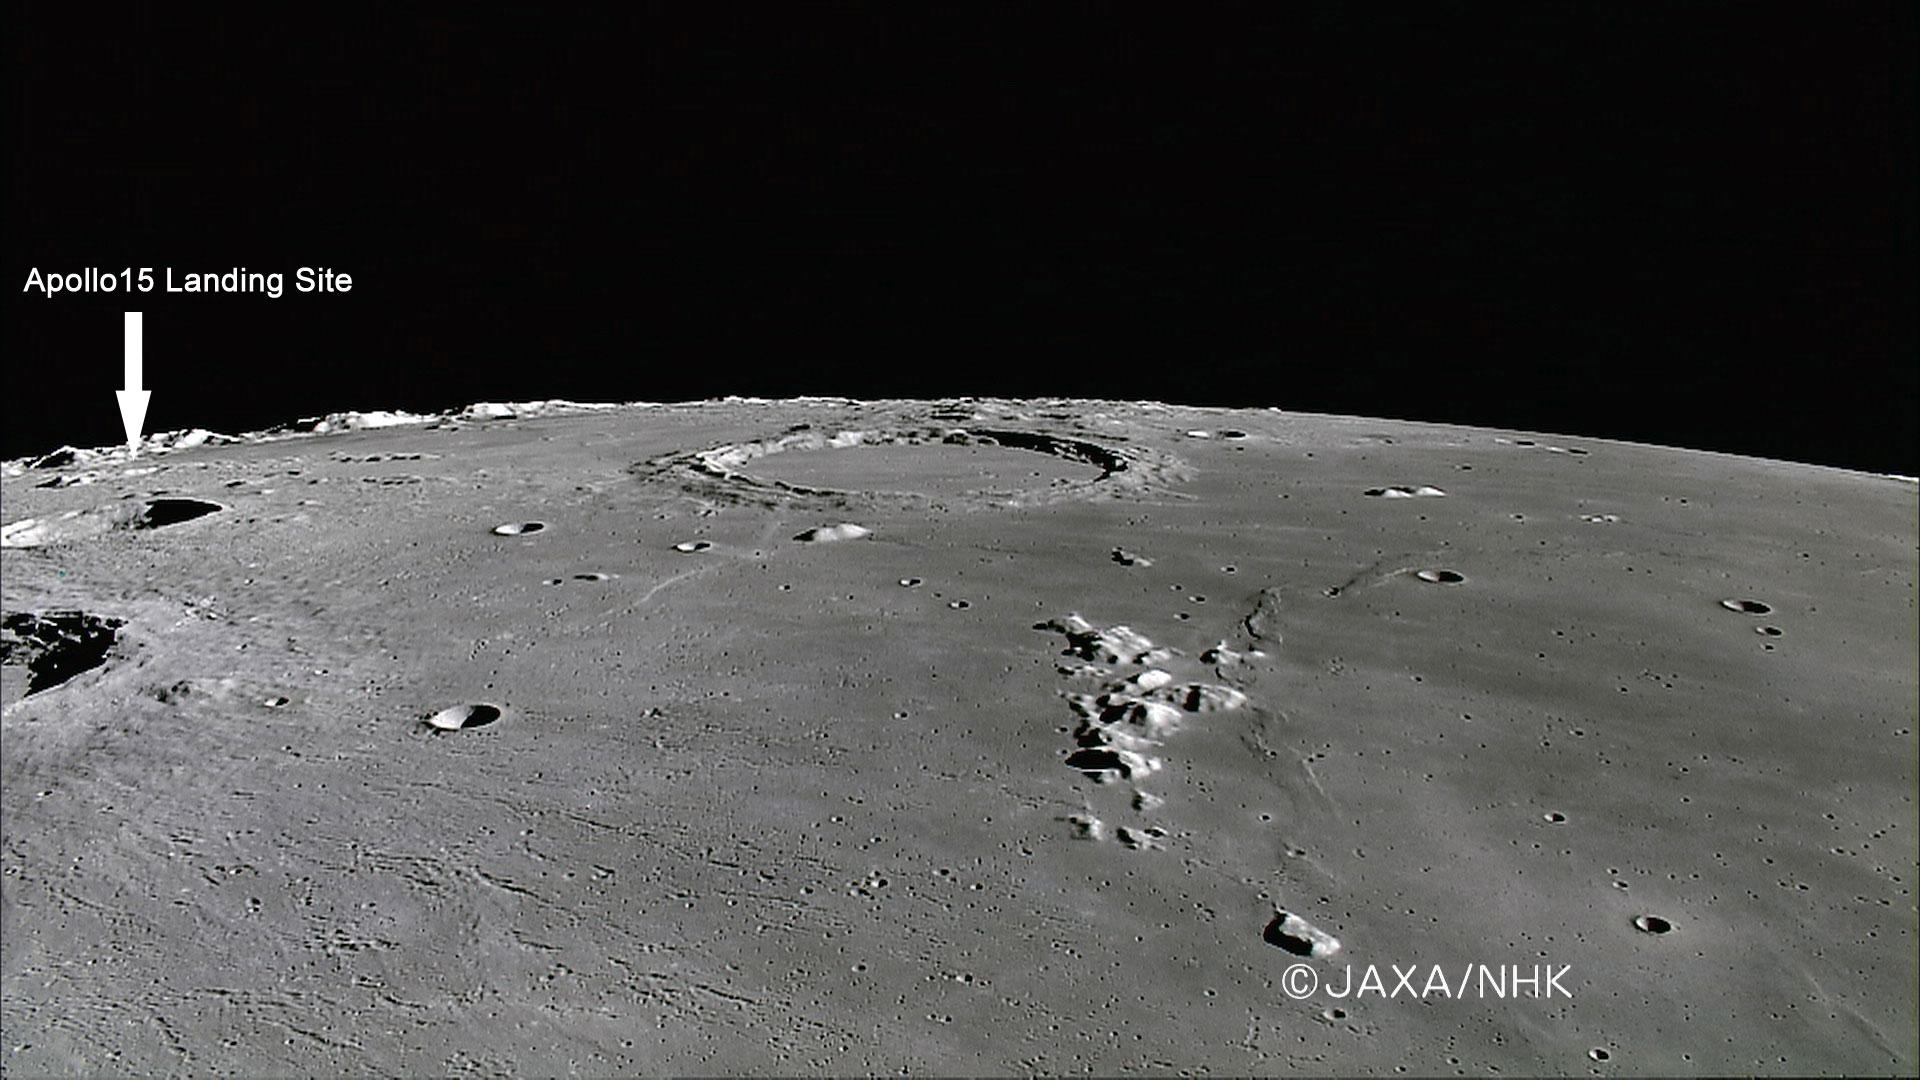 твен фотографии луны место высадки простой самодельный